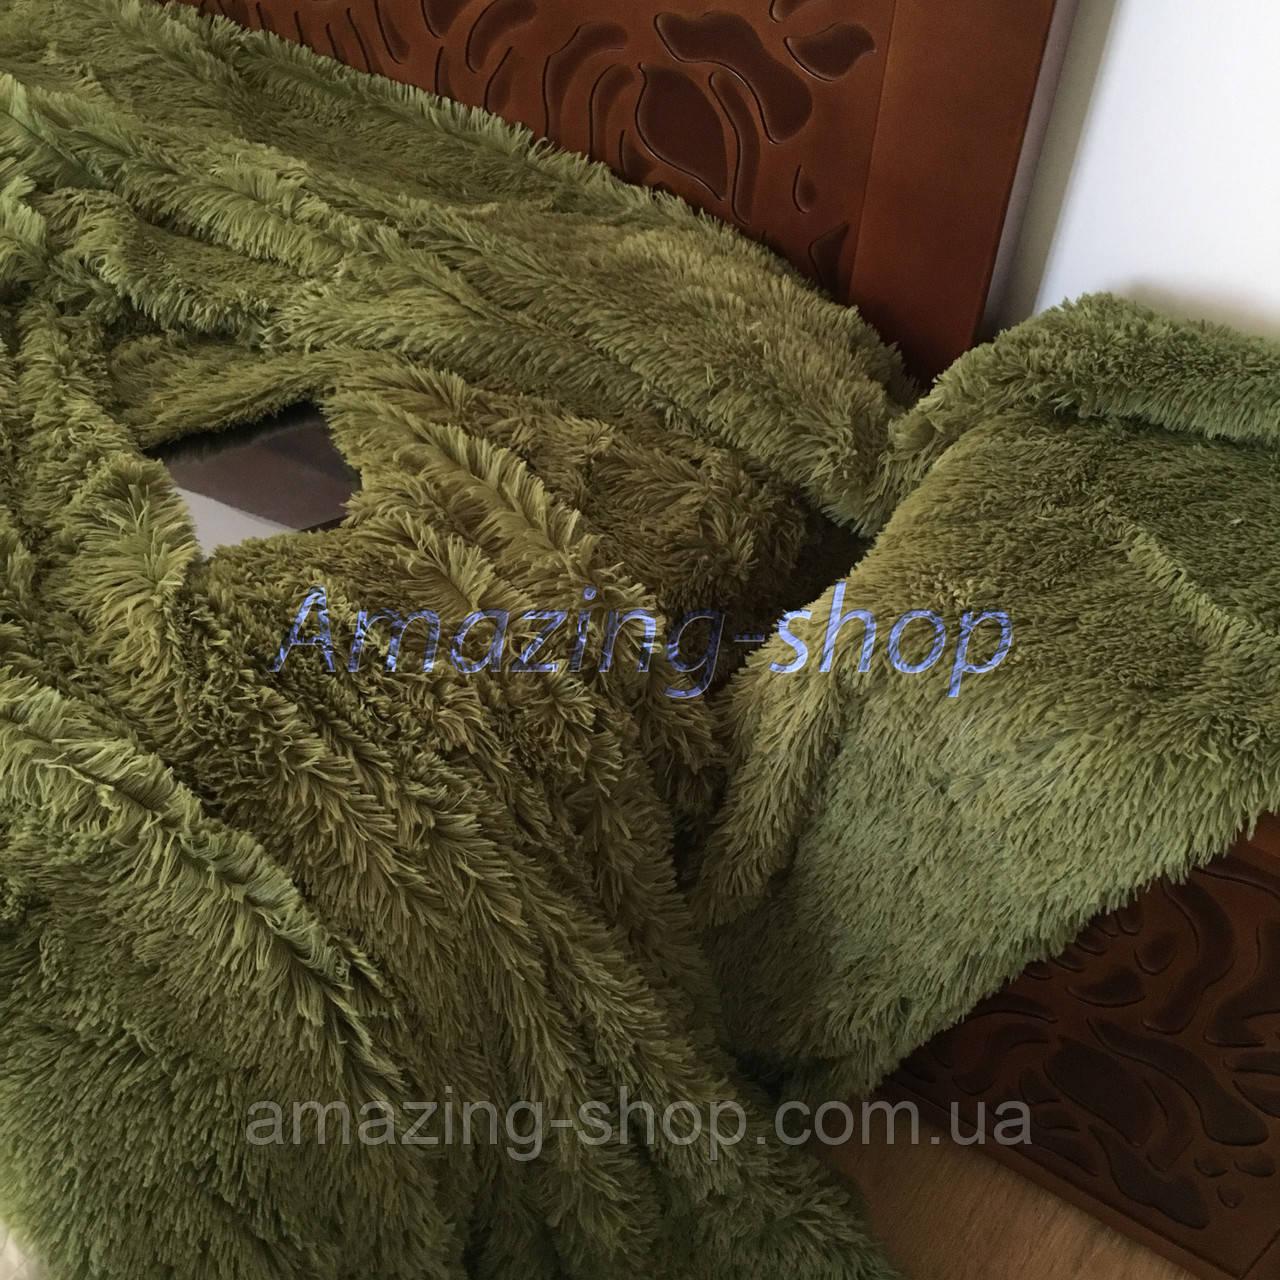 Покривало травичка | Пухнастий махровий плед. Koloco (колоко)- з довгим ворсом. 220х240. Колір Зелений